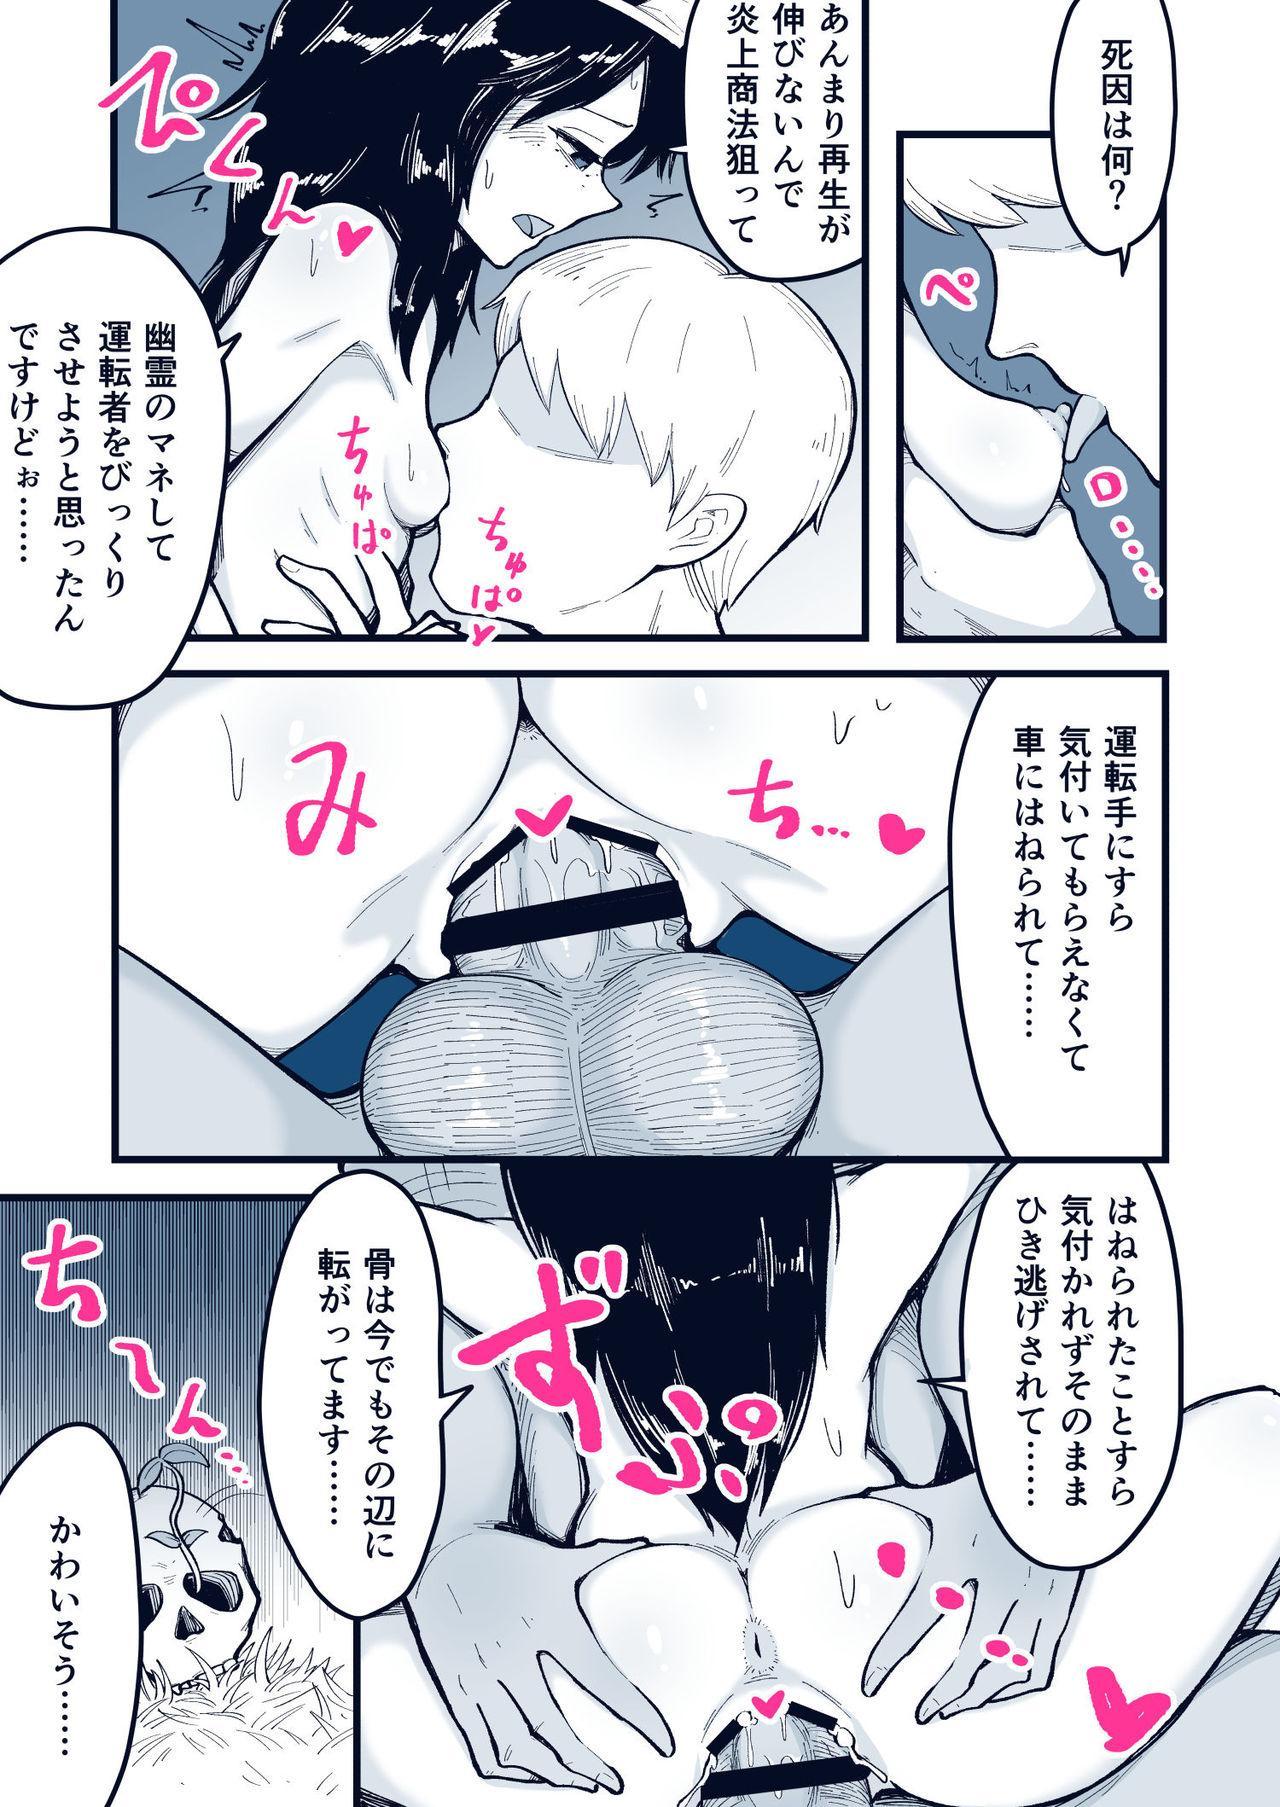 Anoyo ni Ikou yo Jimikei Hinsou Yuurei Shoujo Rankou Namahaishin 49